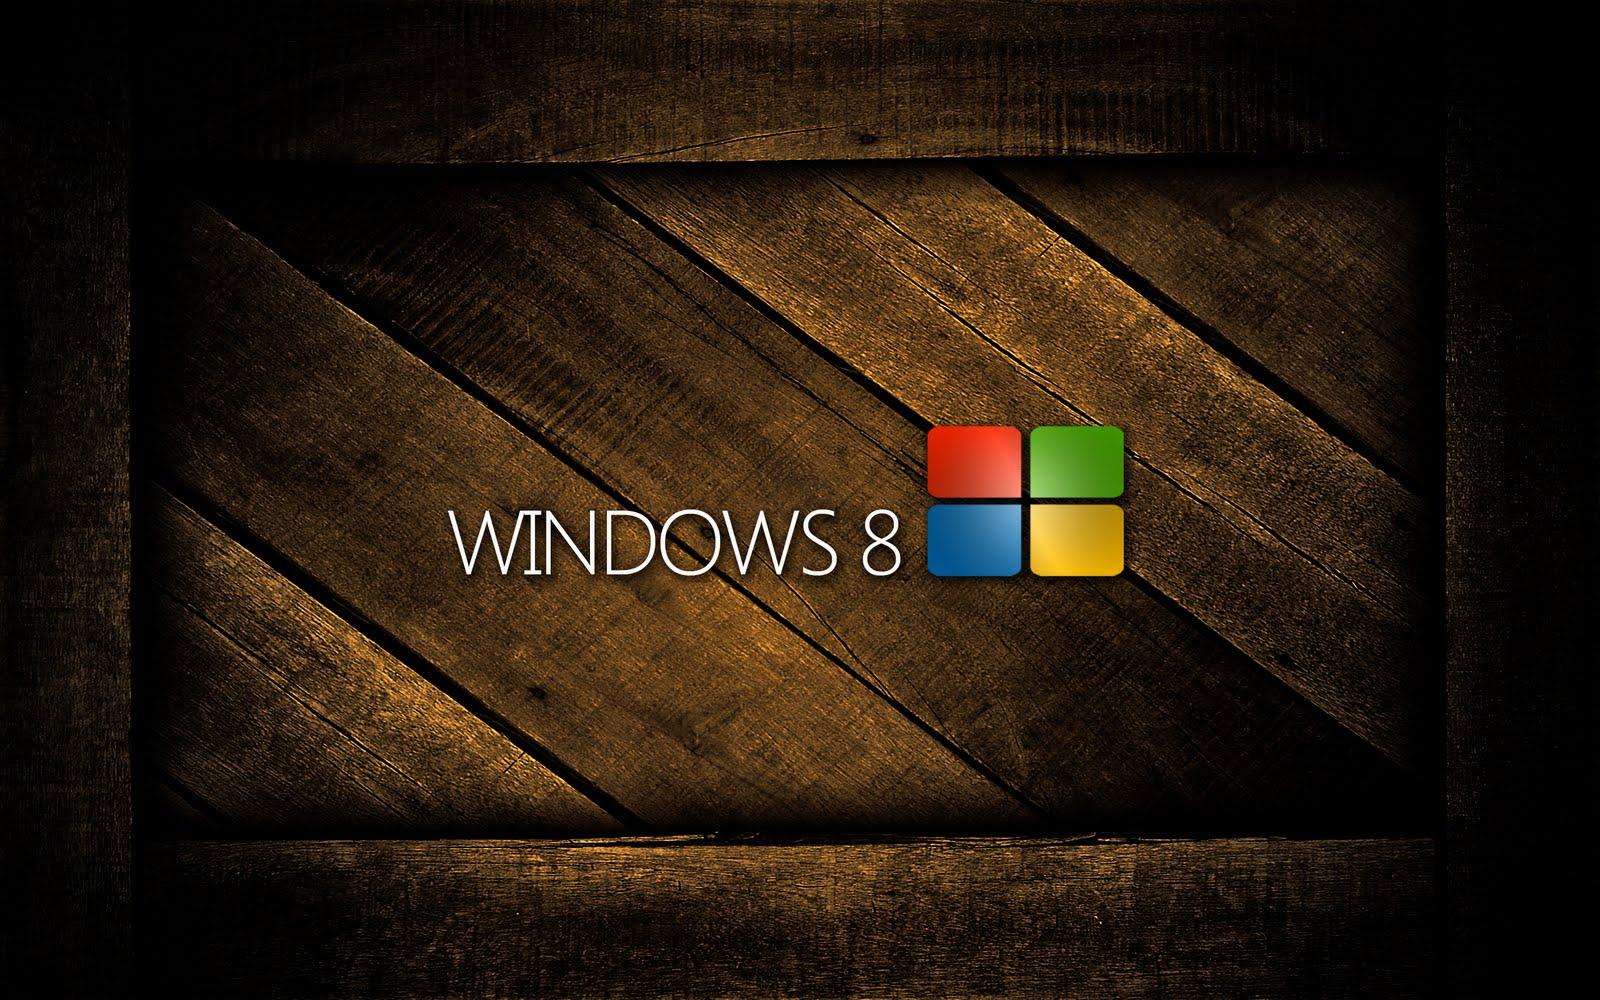 windows-8-wallpaper-official